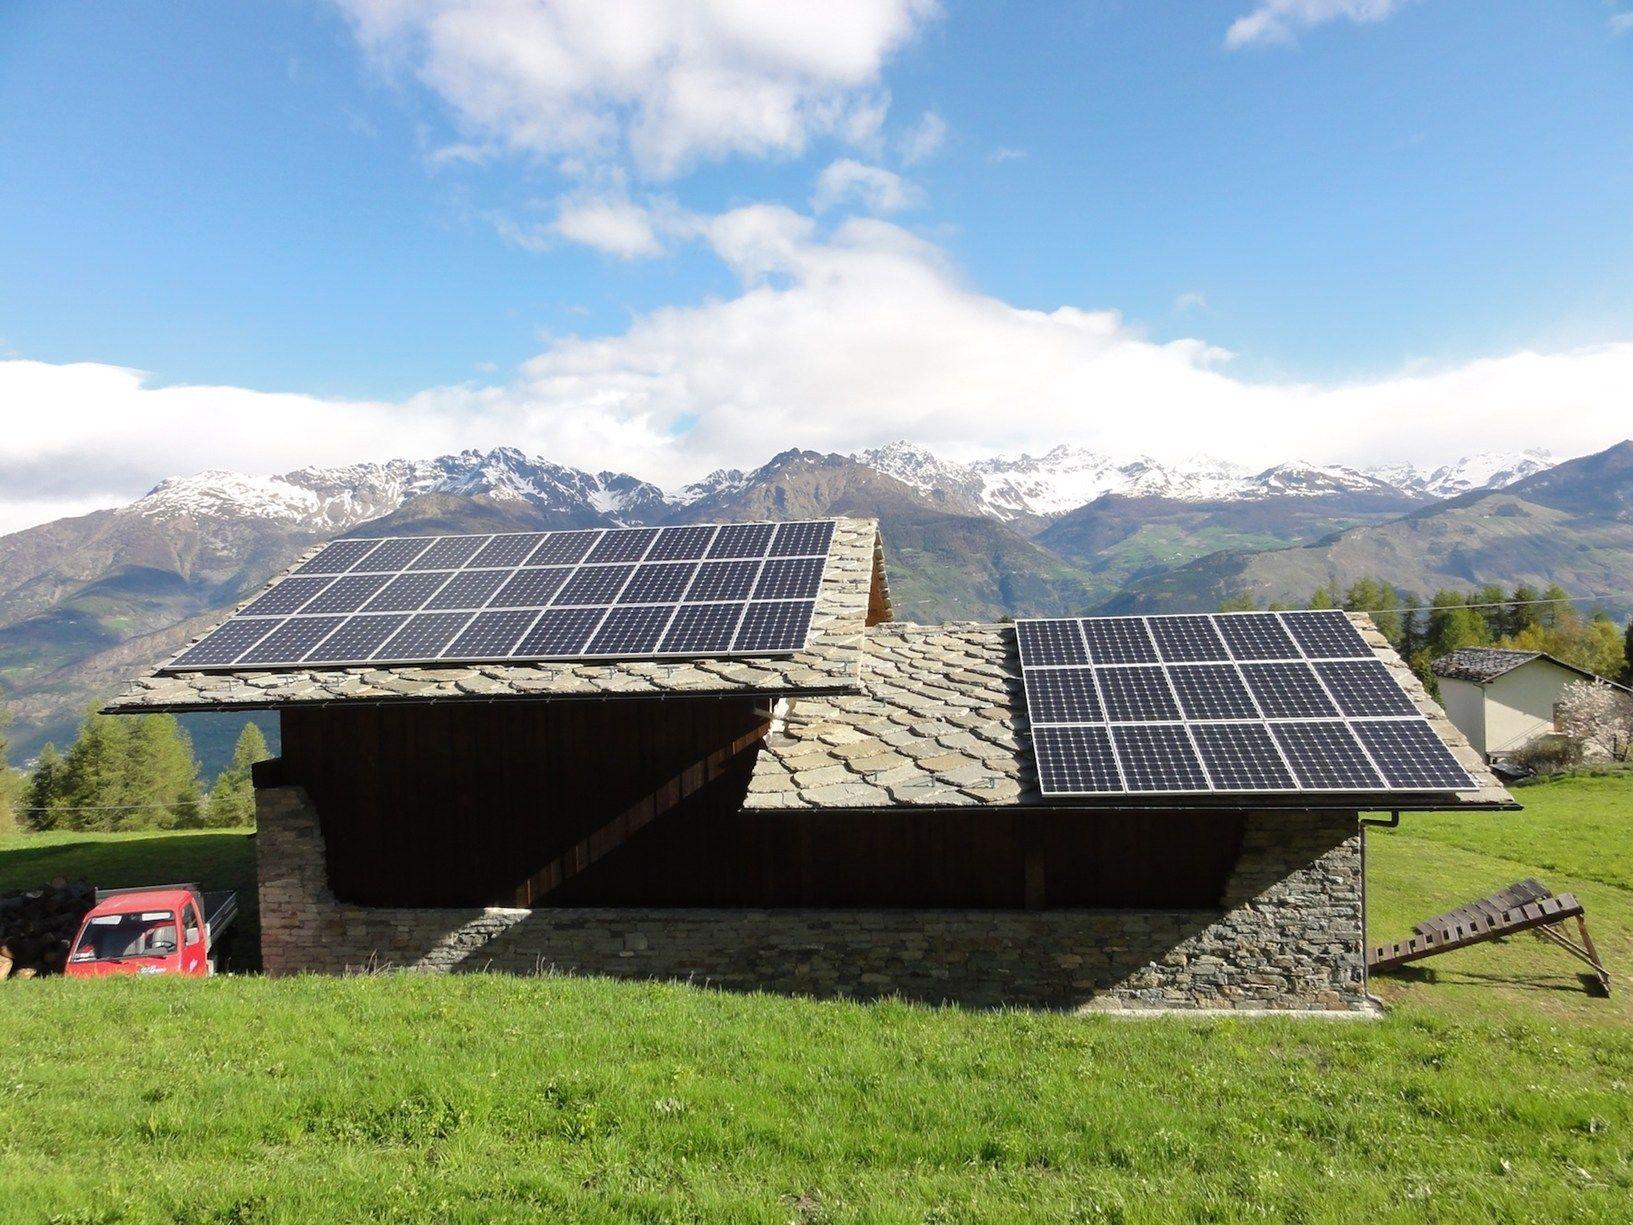 Un impianto fotovoltaico Conergy tra le montagne della Valle d'Aosta